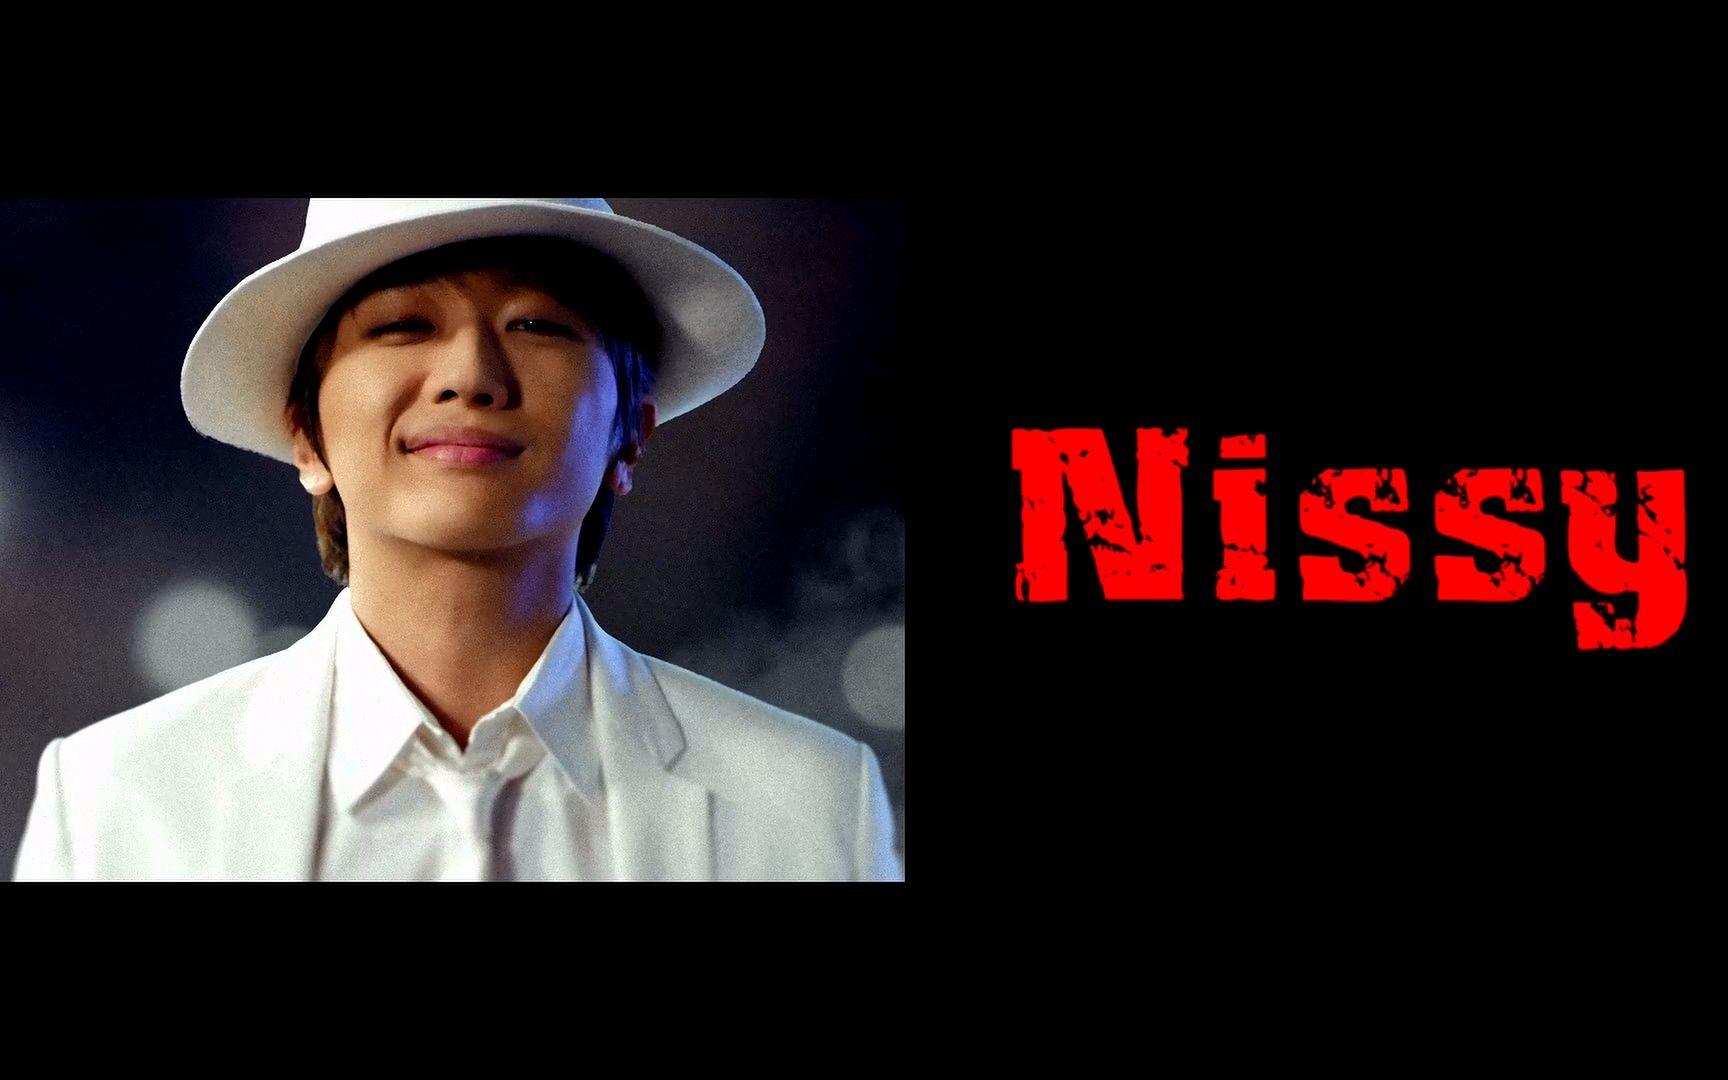 【24花町字幕组】Nissy 1st Entertainment LIVE特效精制版 | 西島隆弘